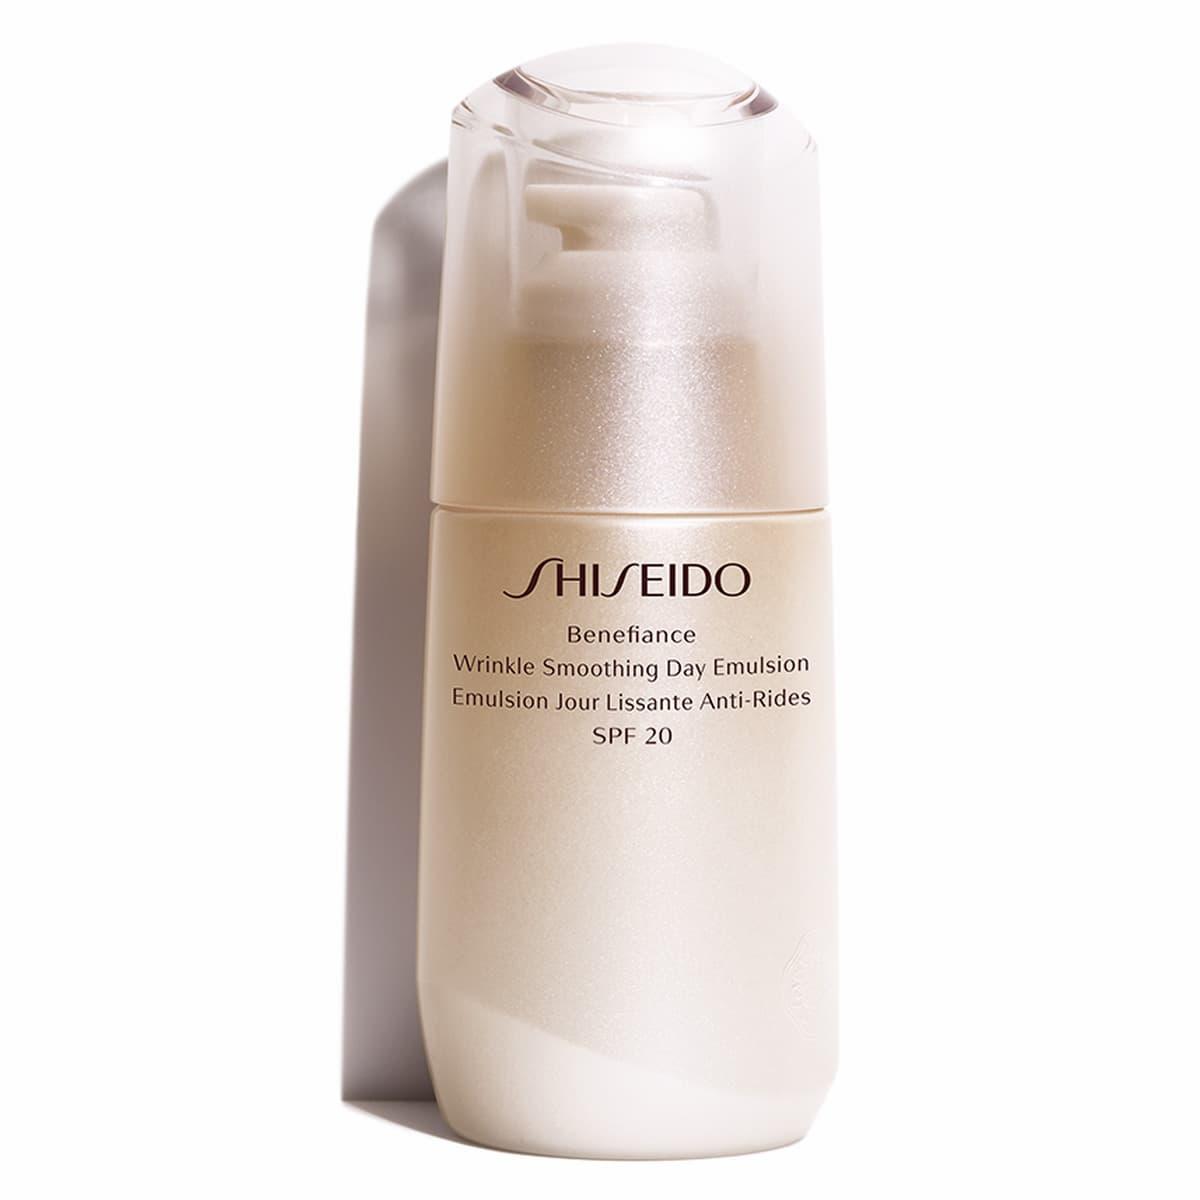 Shiseido - Benefiance - Emulsion Jour Anti-Rides SPF20 75 ml